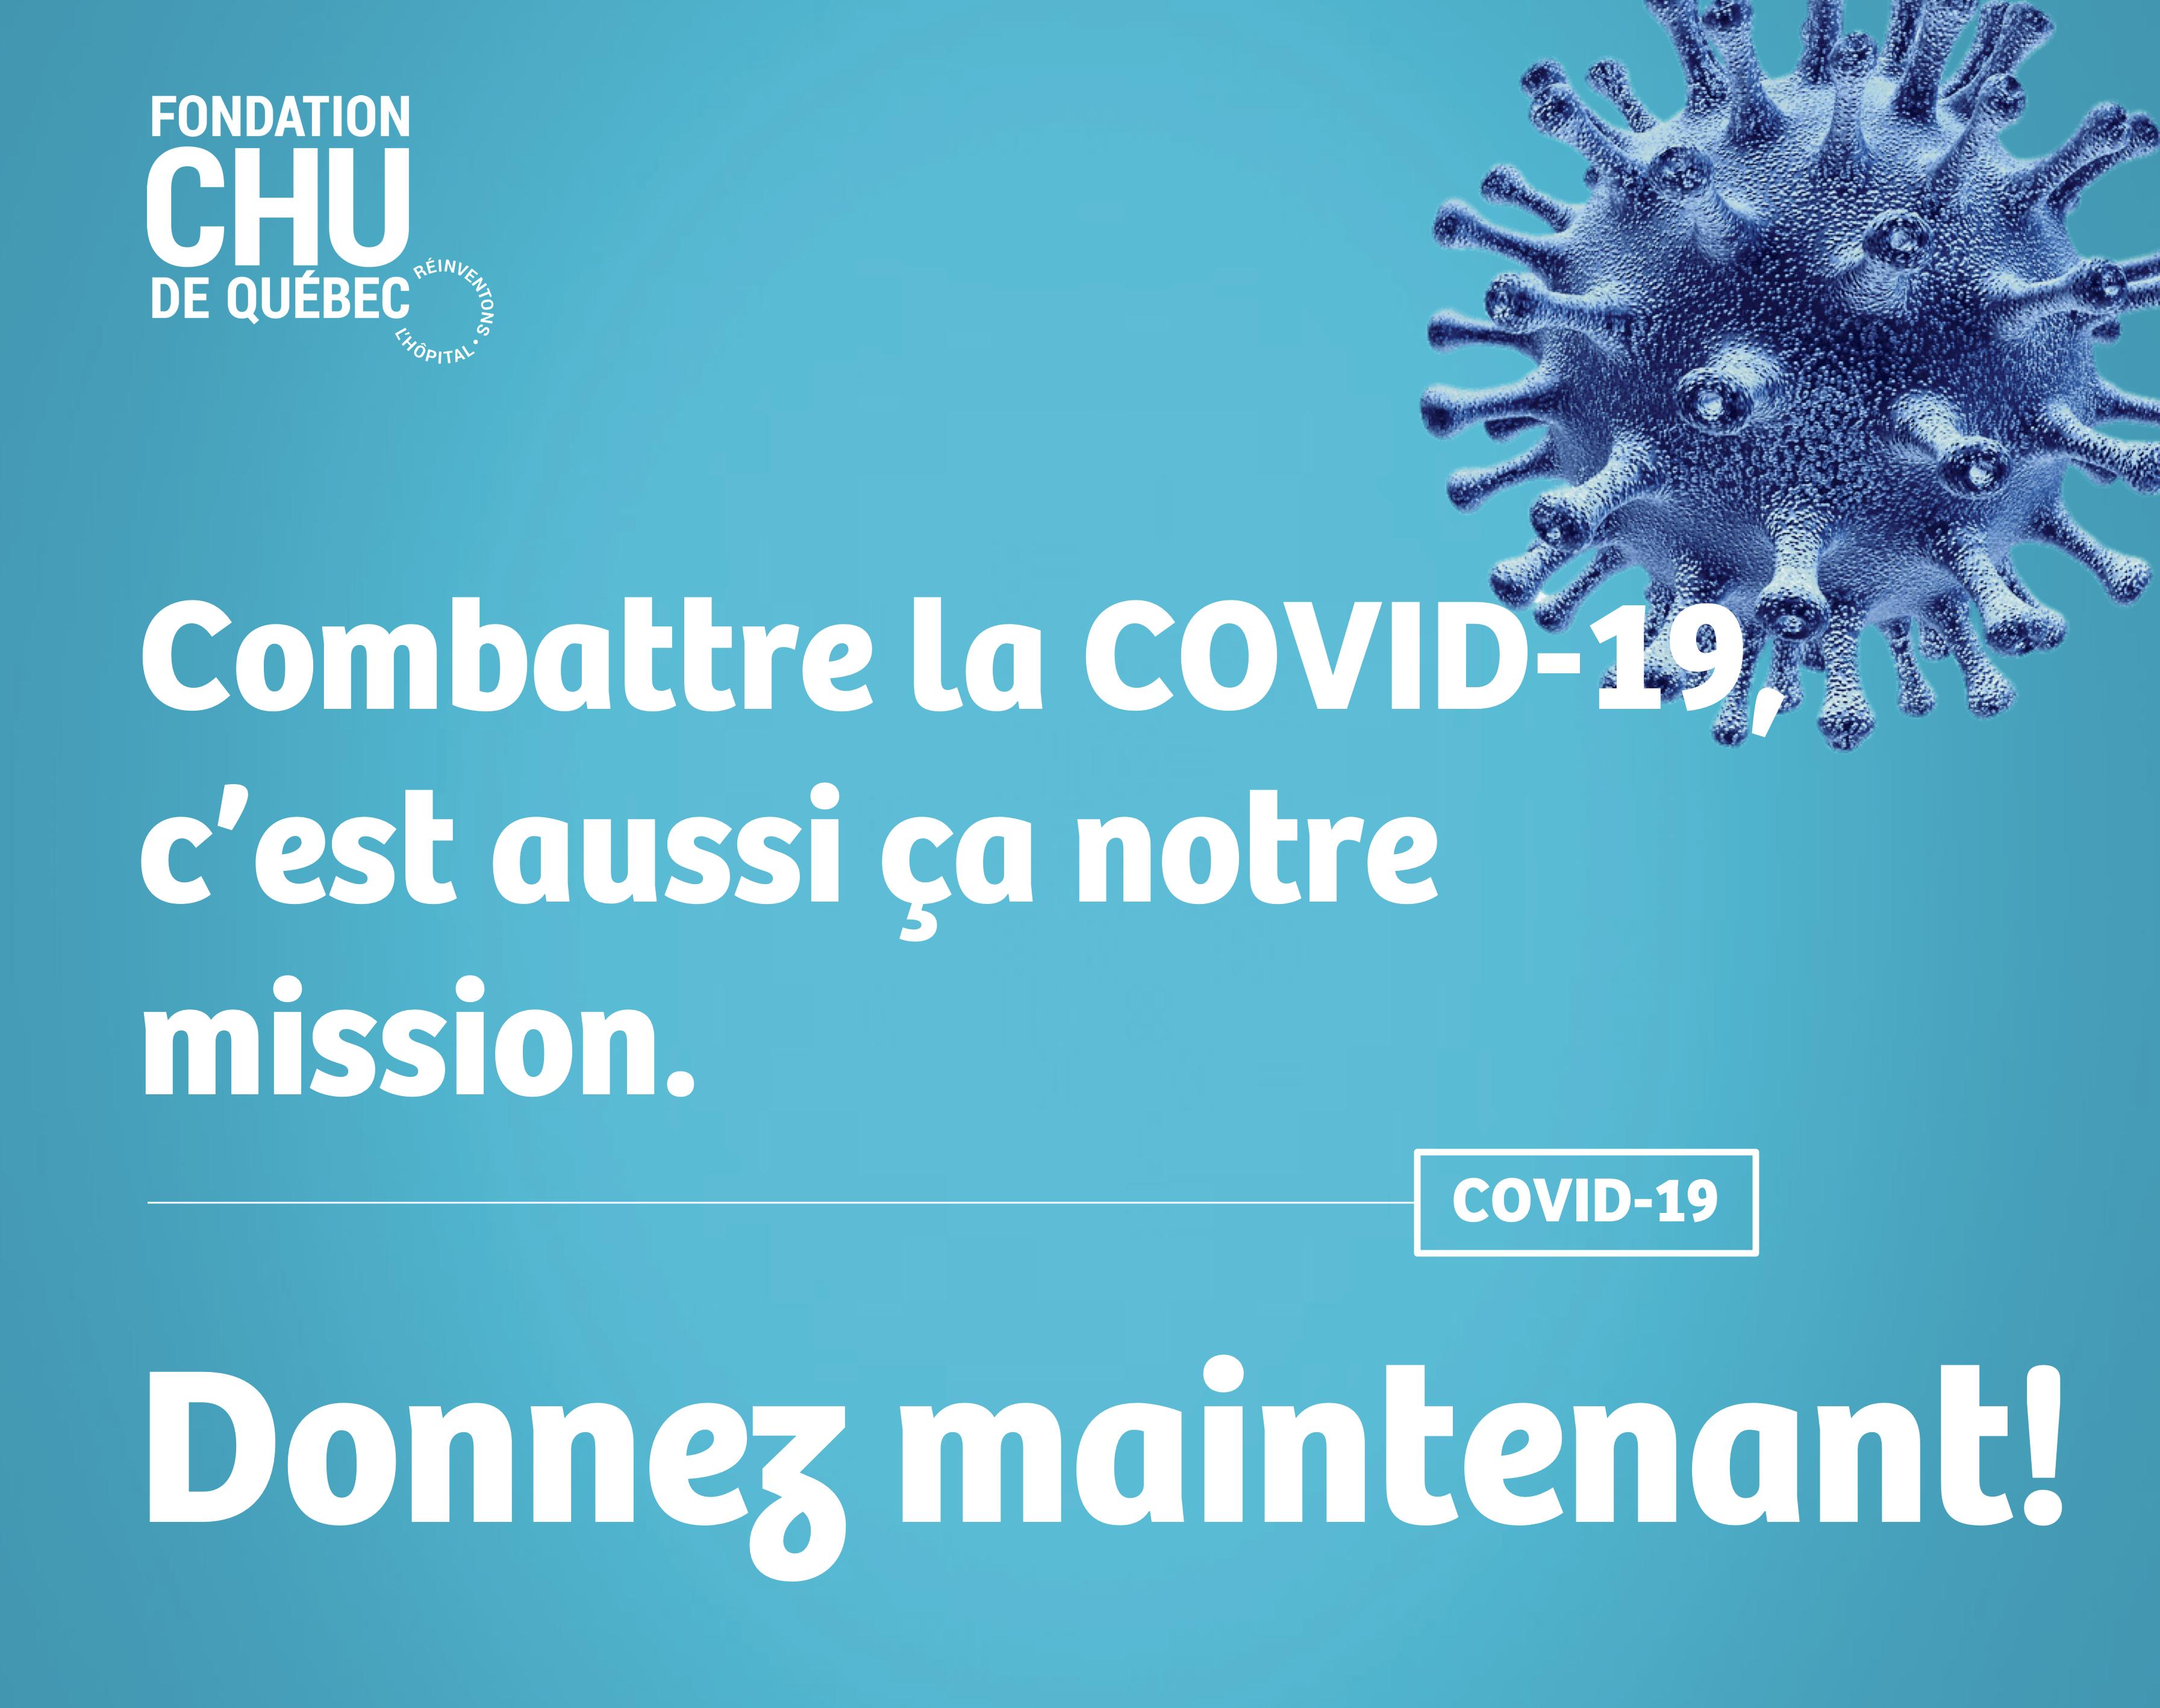 COVID-19 - Combattre